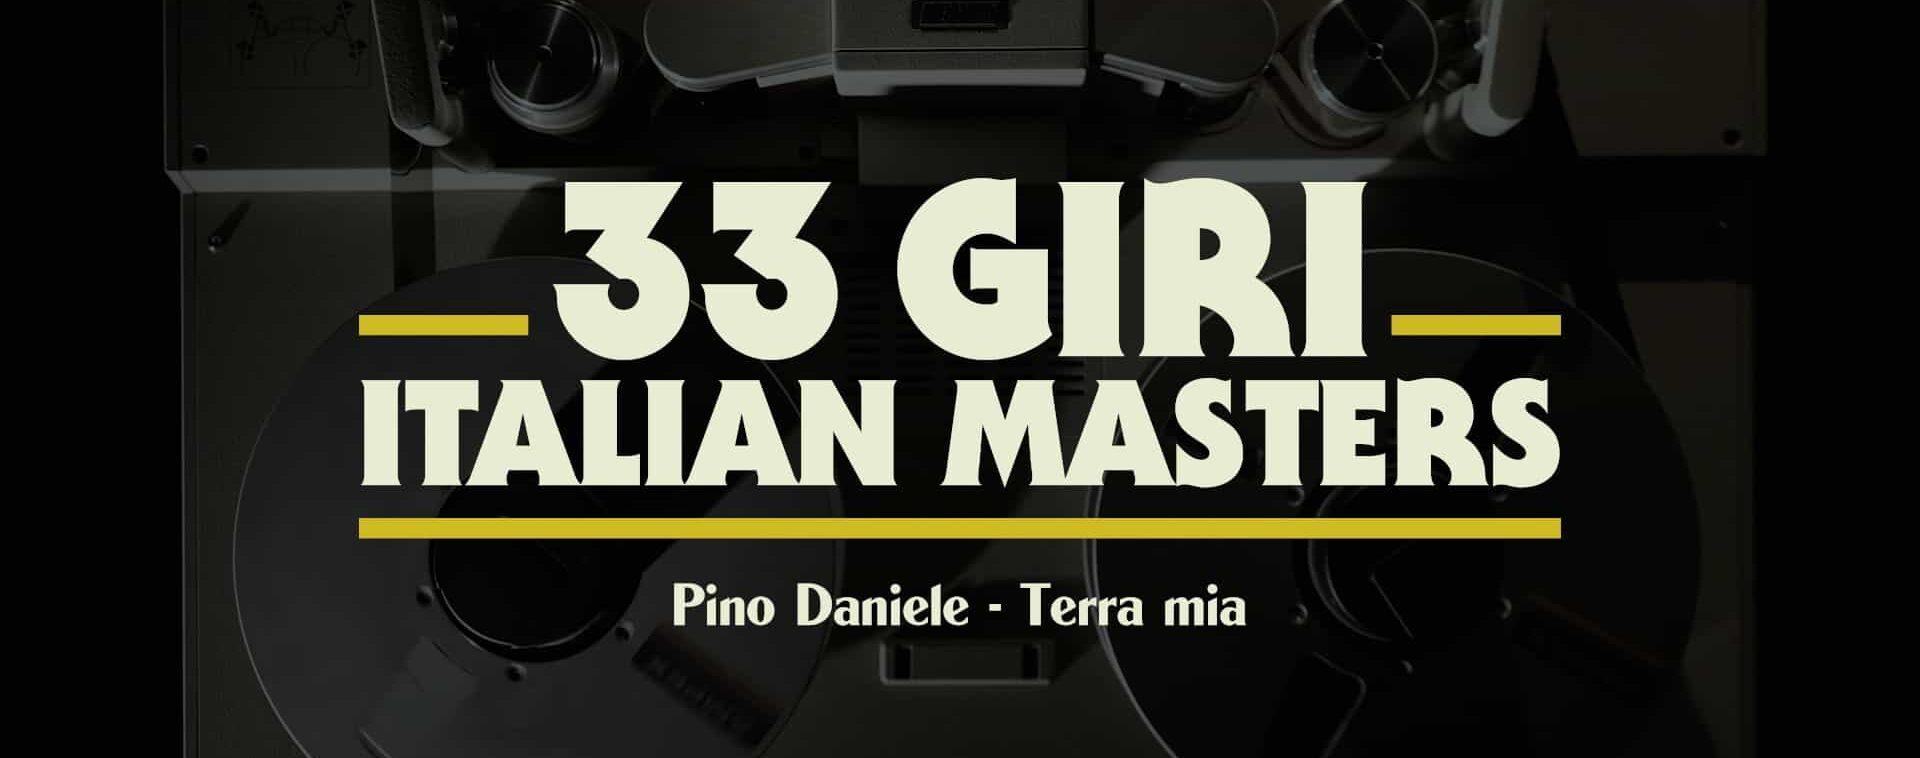 33 giri Italian Masters ・ PINO DANIELE